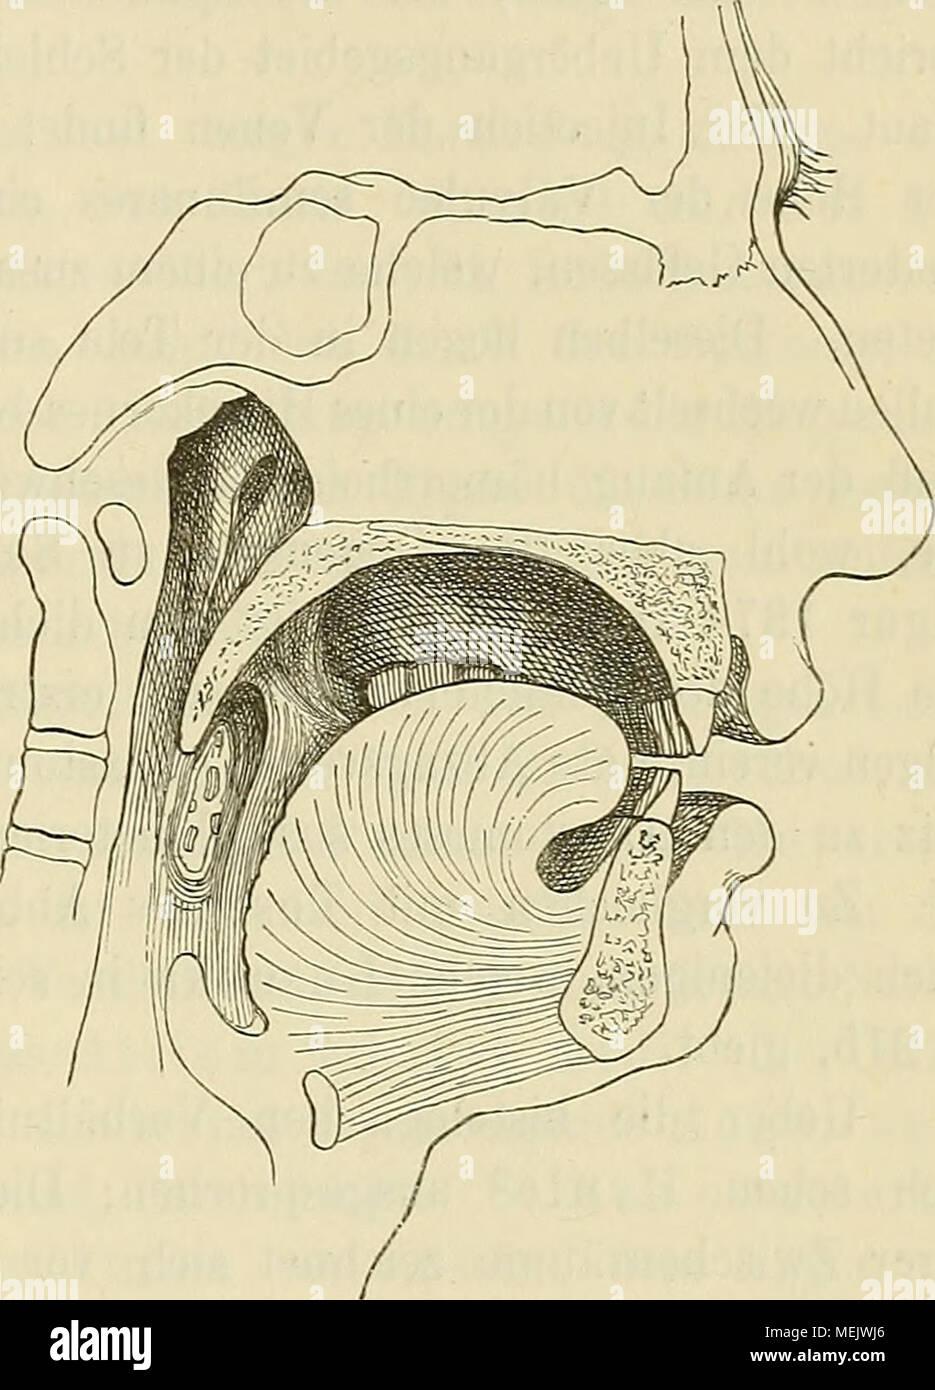 Nett Leberkörpersystem Bilder - Menschliche Anatomie Bilder ...